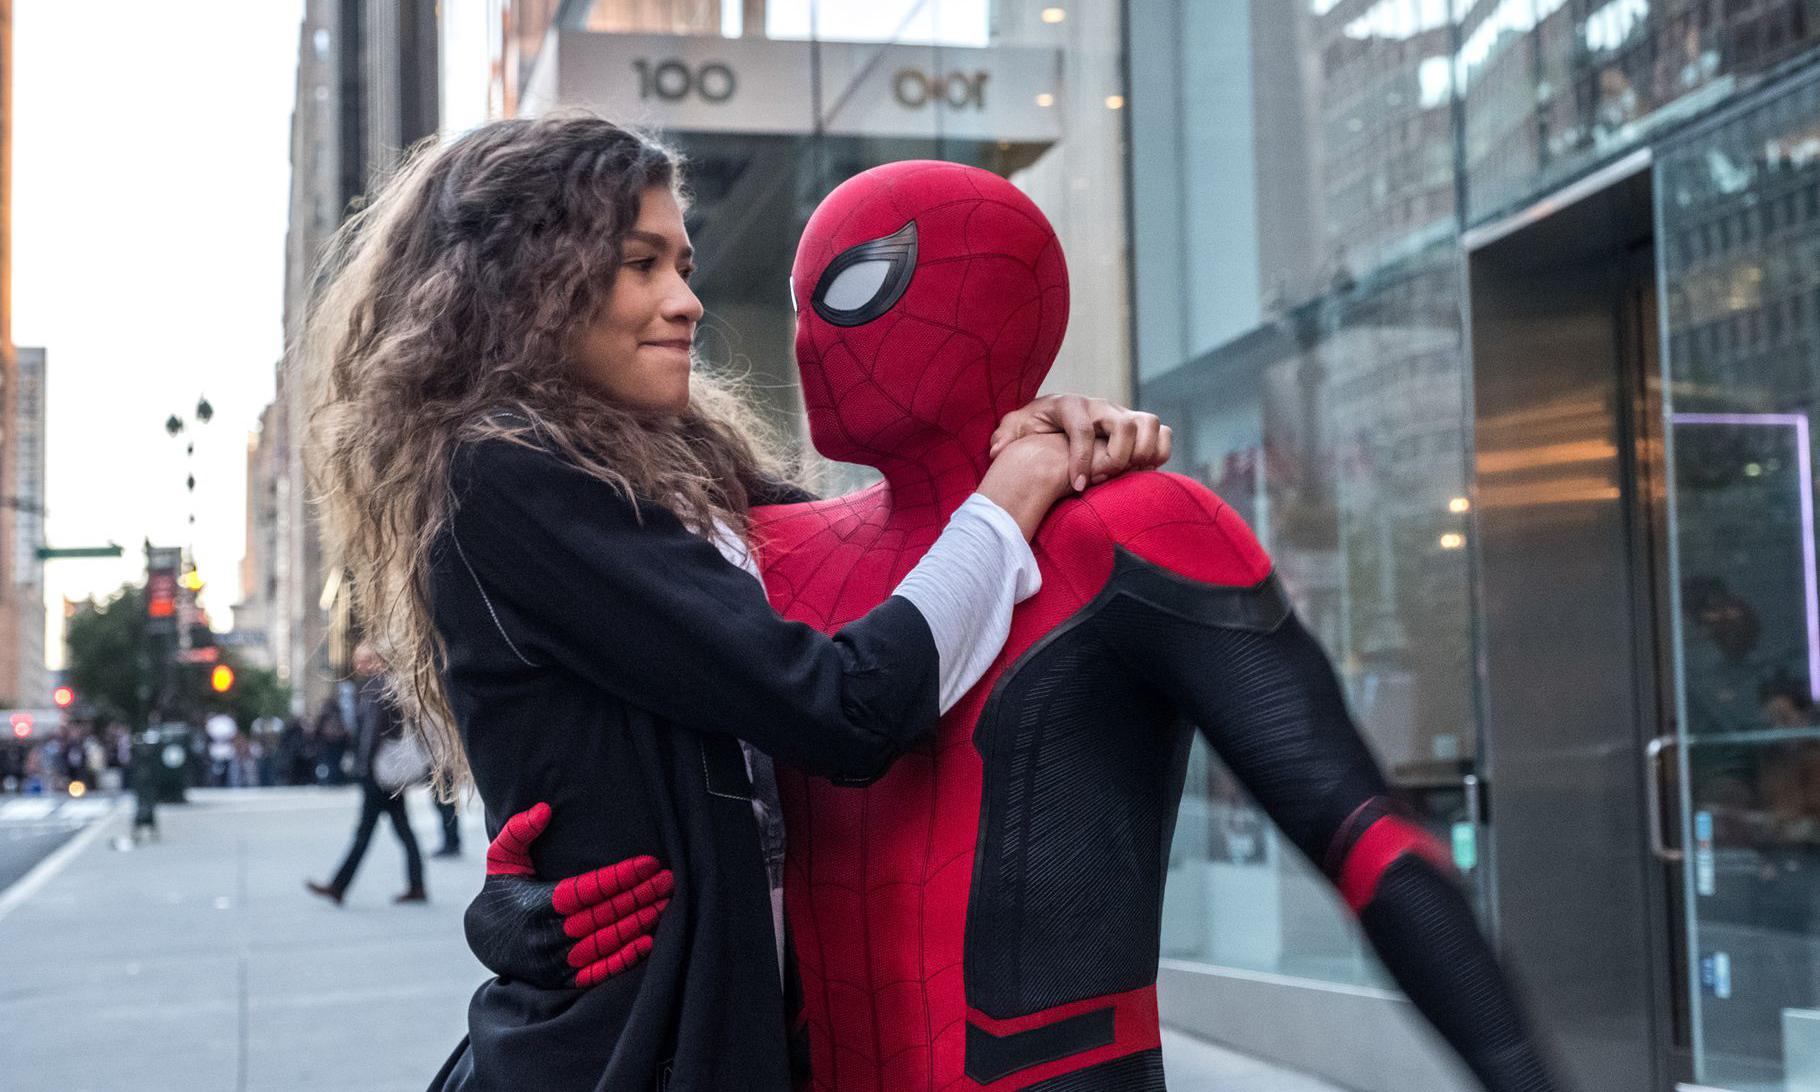 蜘蛛侠或将被迫退出漫威电影宇宙?